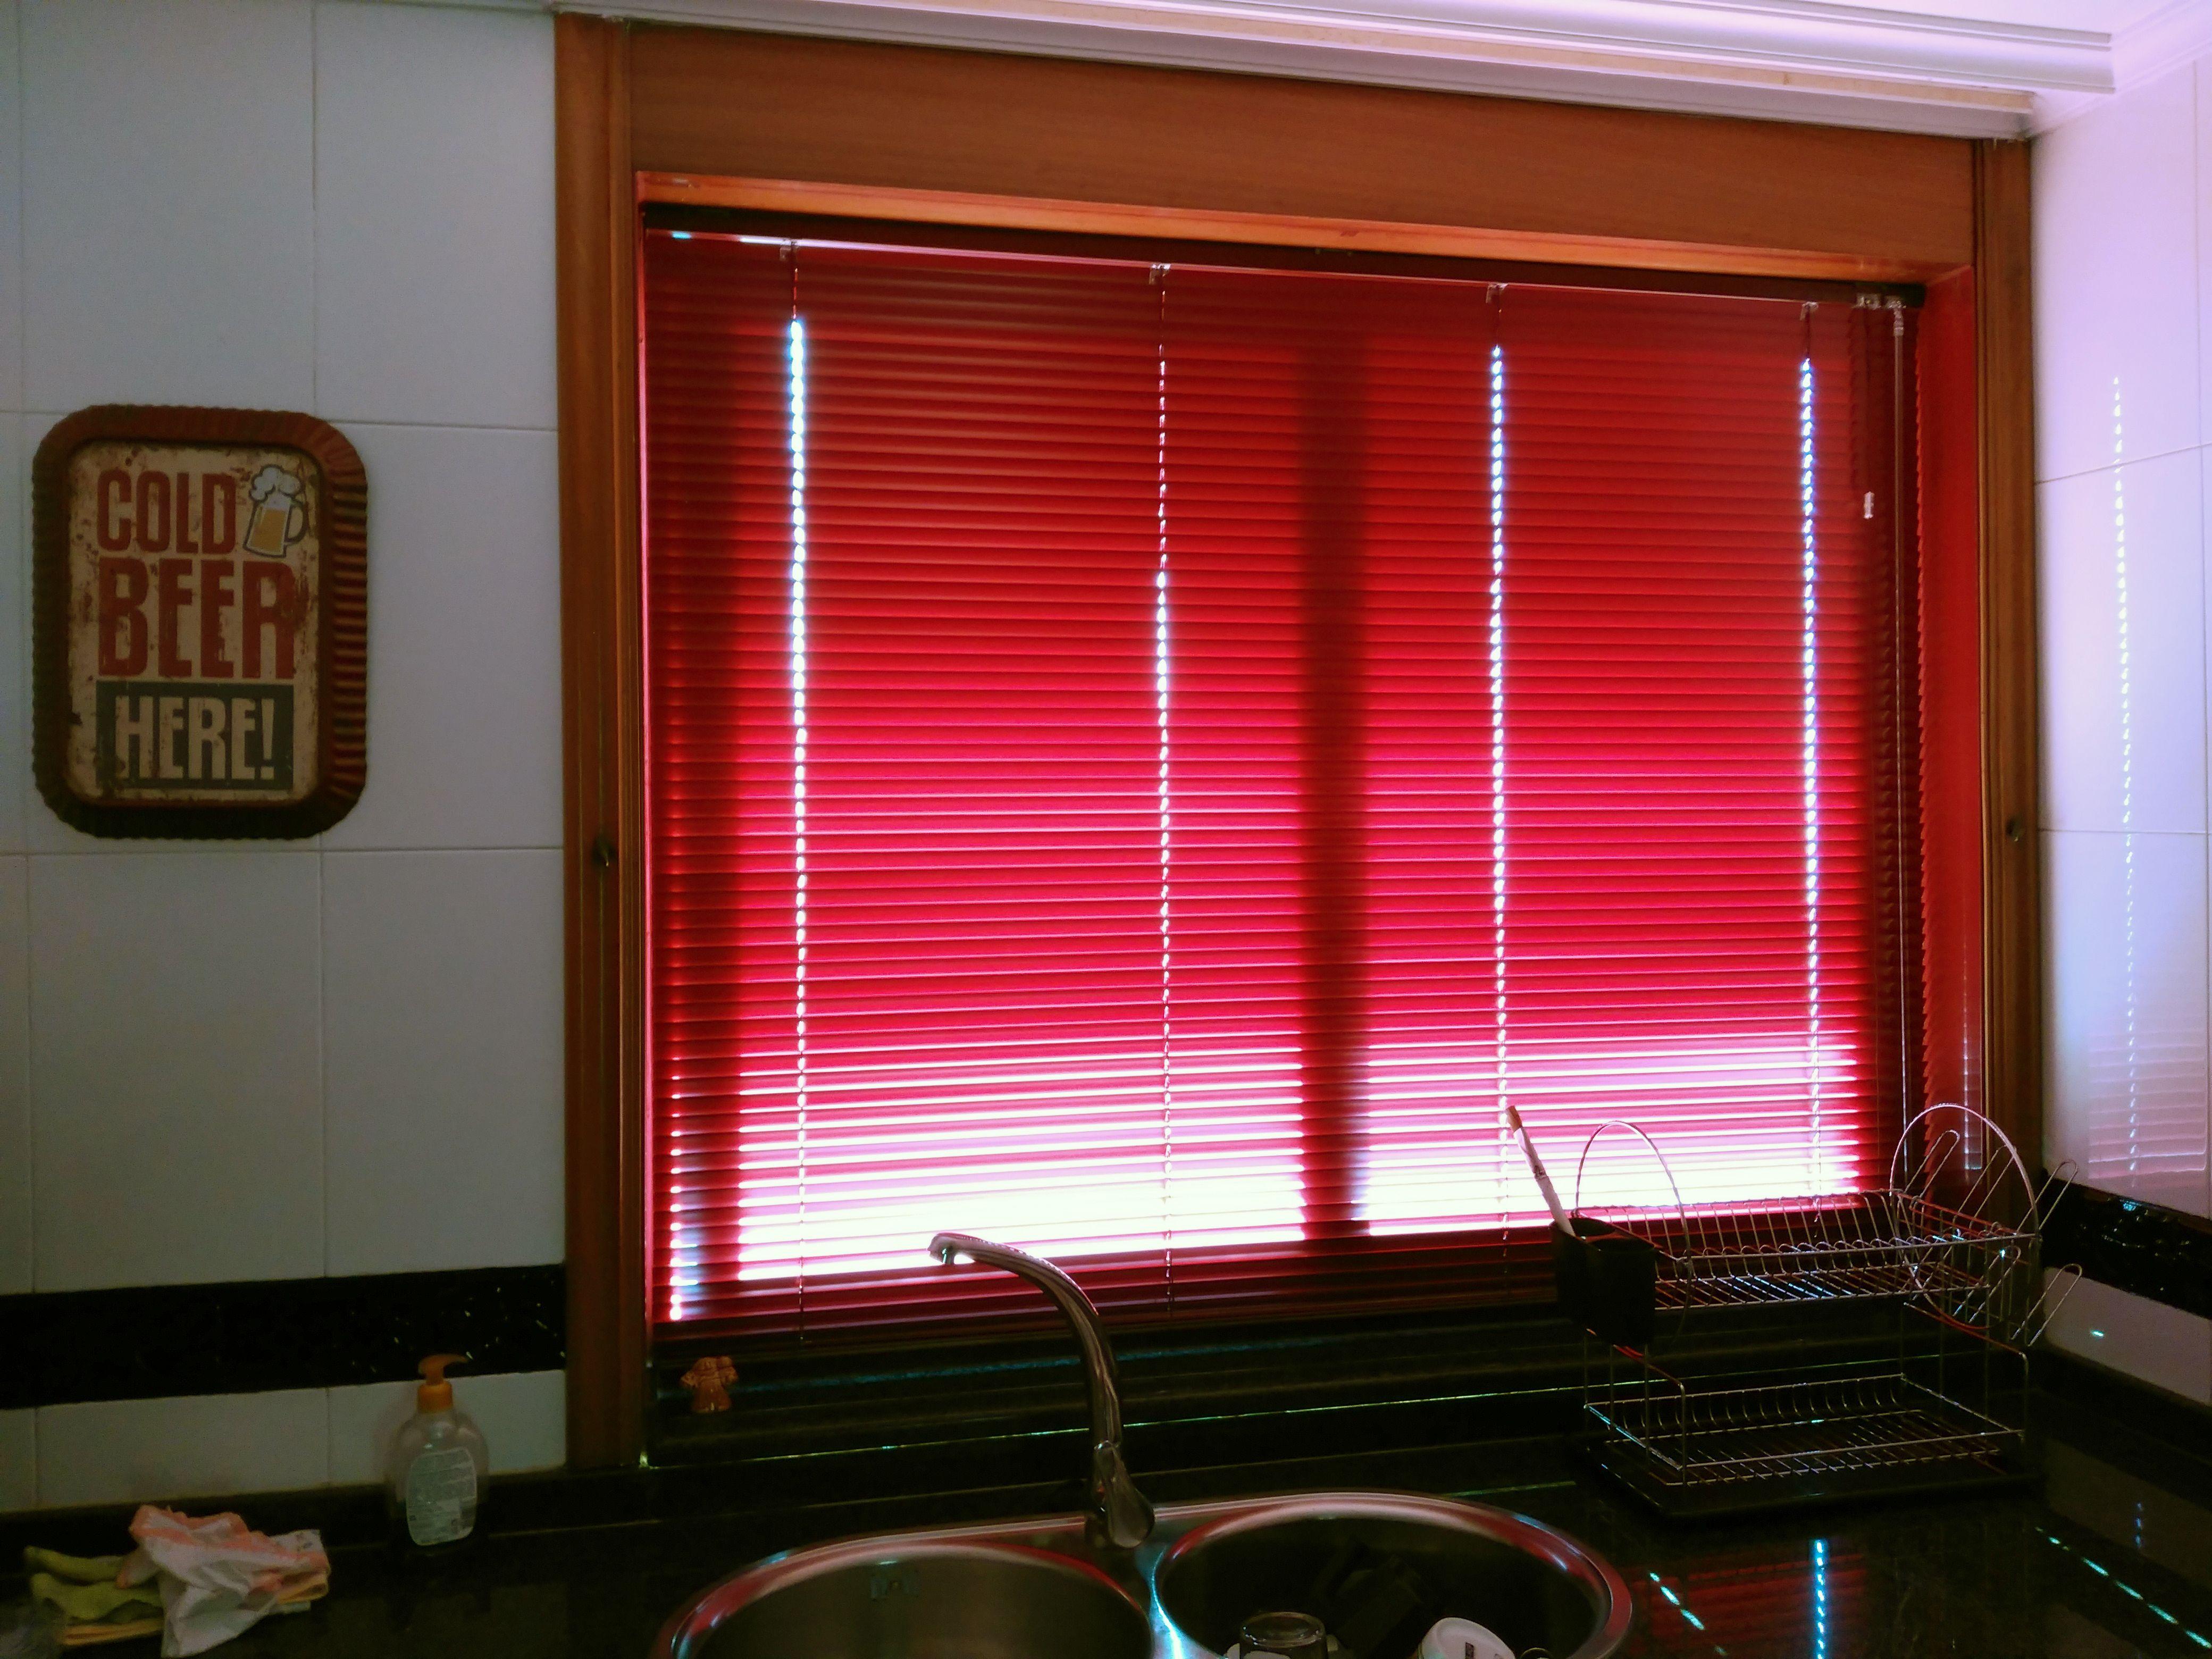 Instalaci n de una veneciana de aluminio en la cocina a for Instalacion de ventanas de aluminio